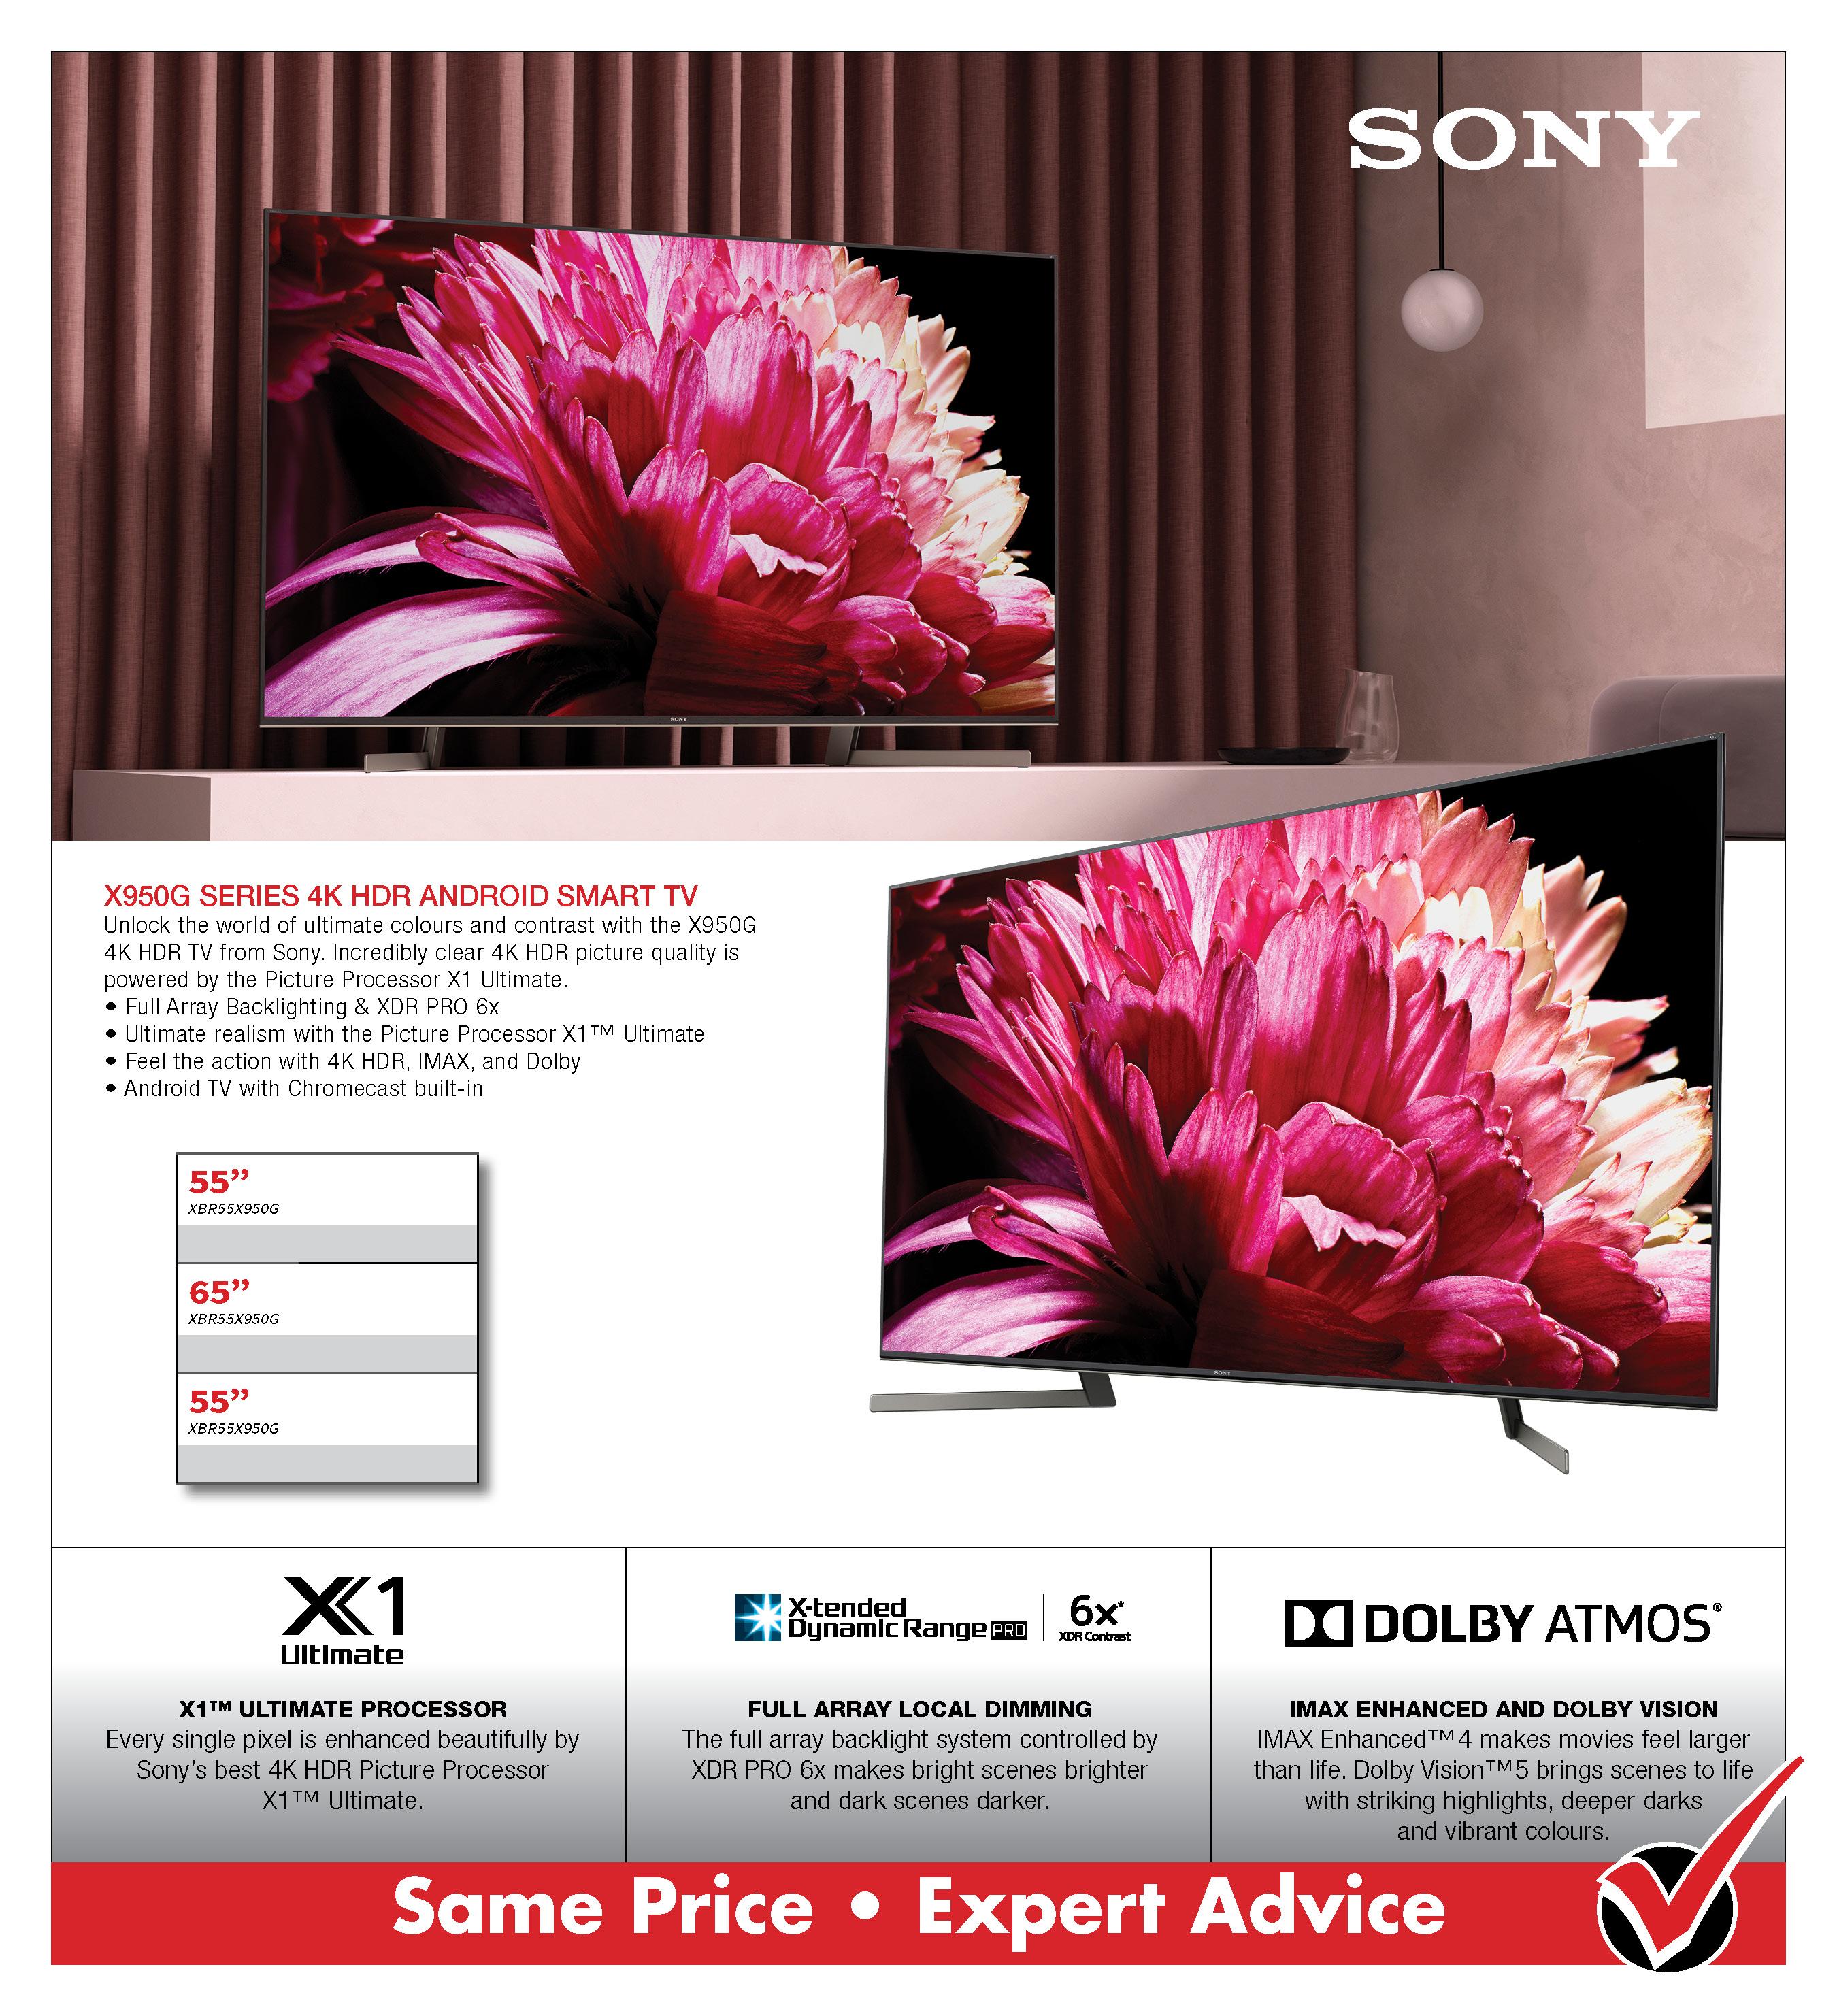 SONY X950G 4KSmart TV